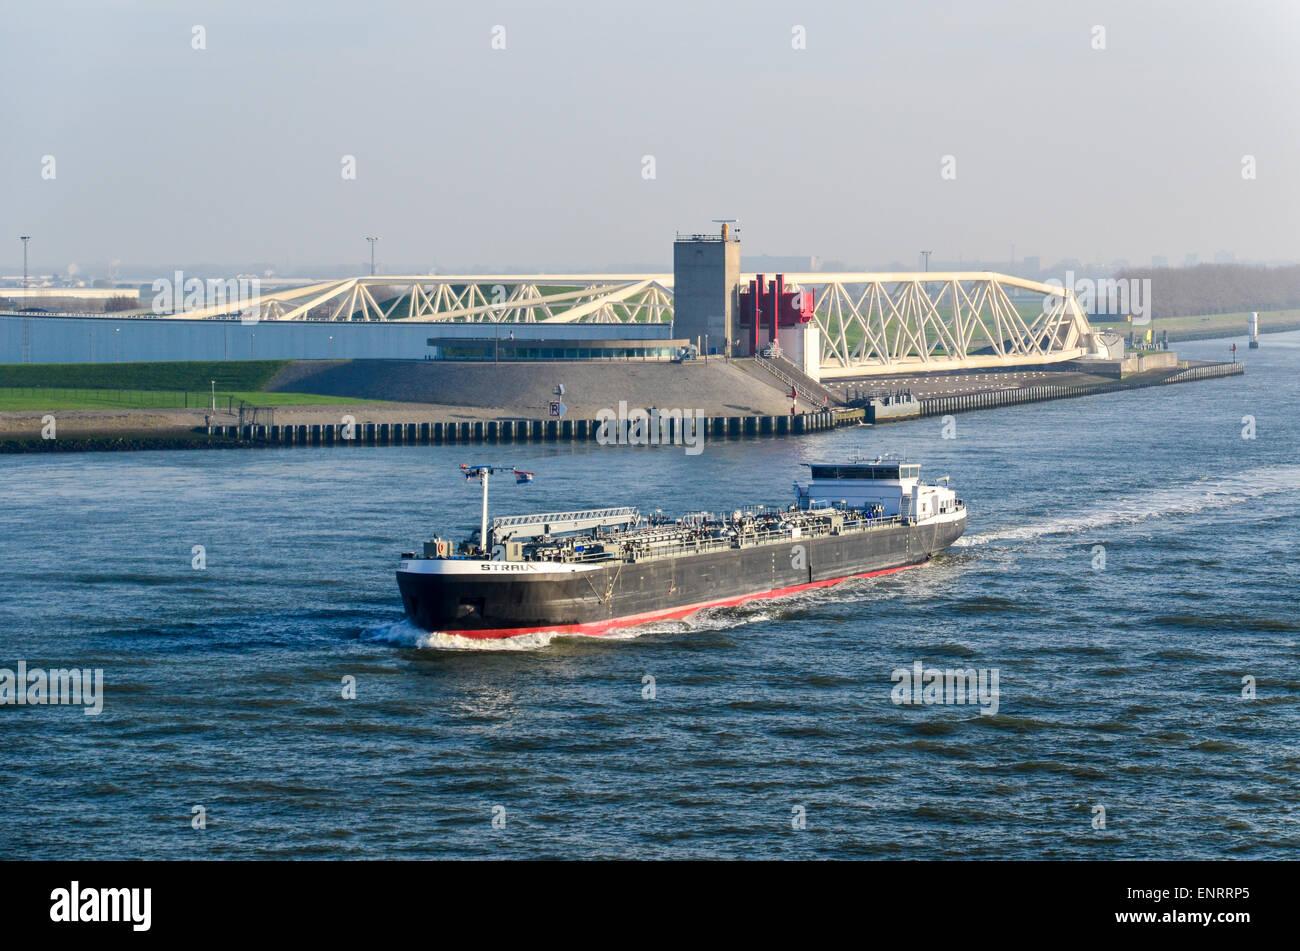 Una barcaza química pasando el sobre la Nieuwe Waterweg Maeslantkering, Rotterdam, una marejada barrera Imagen De Stock